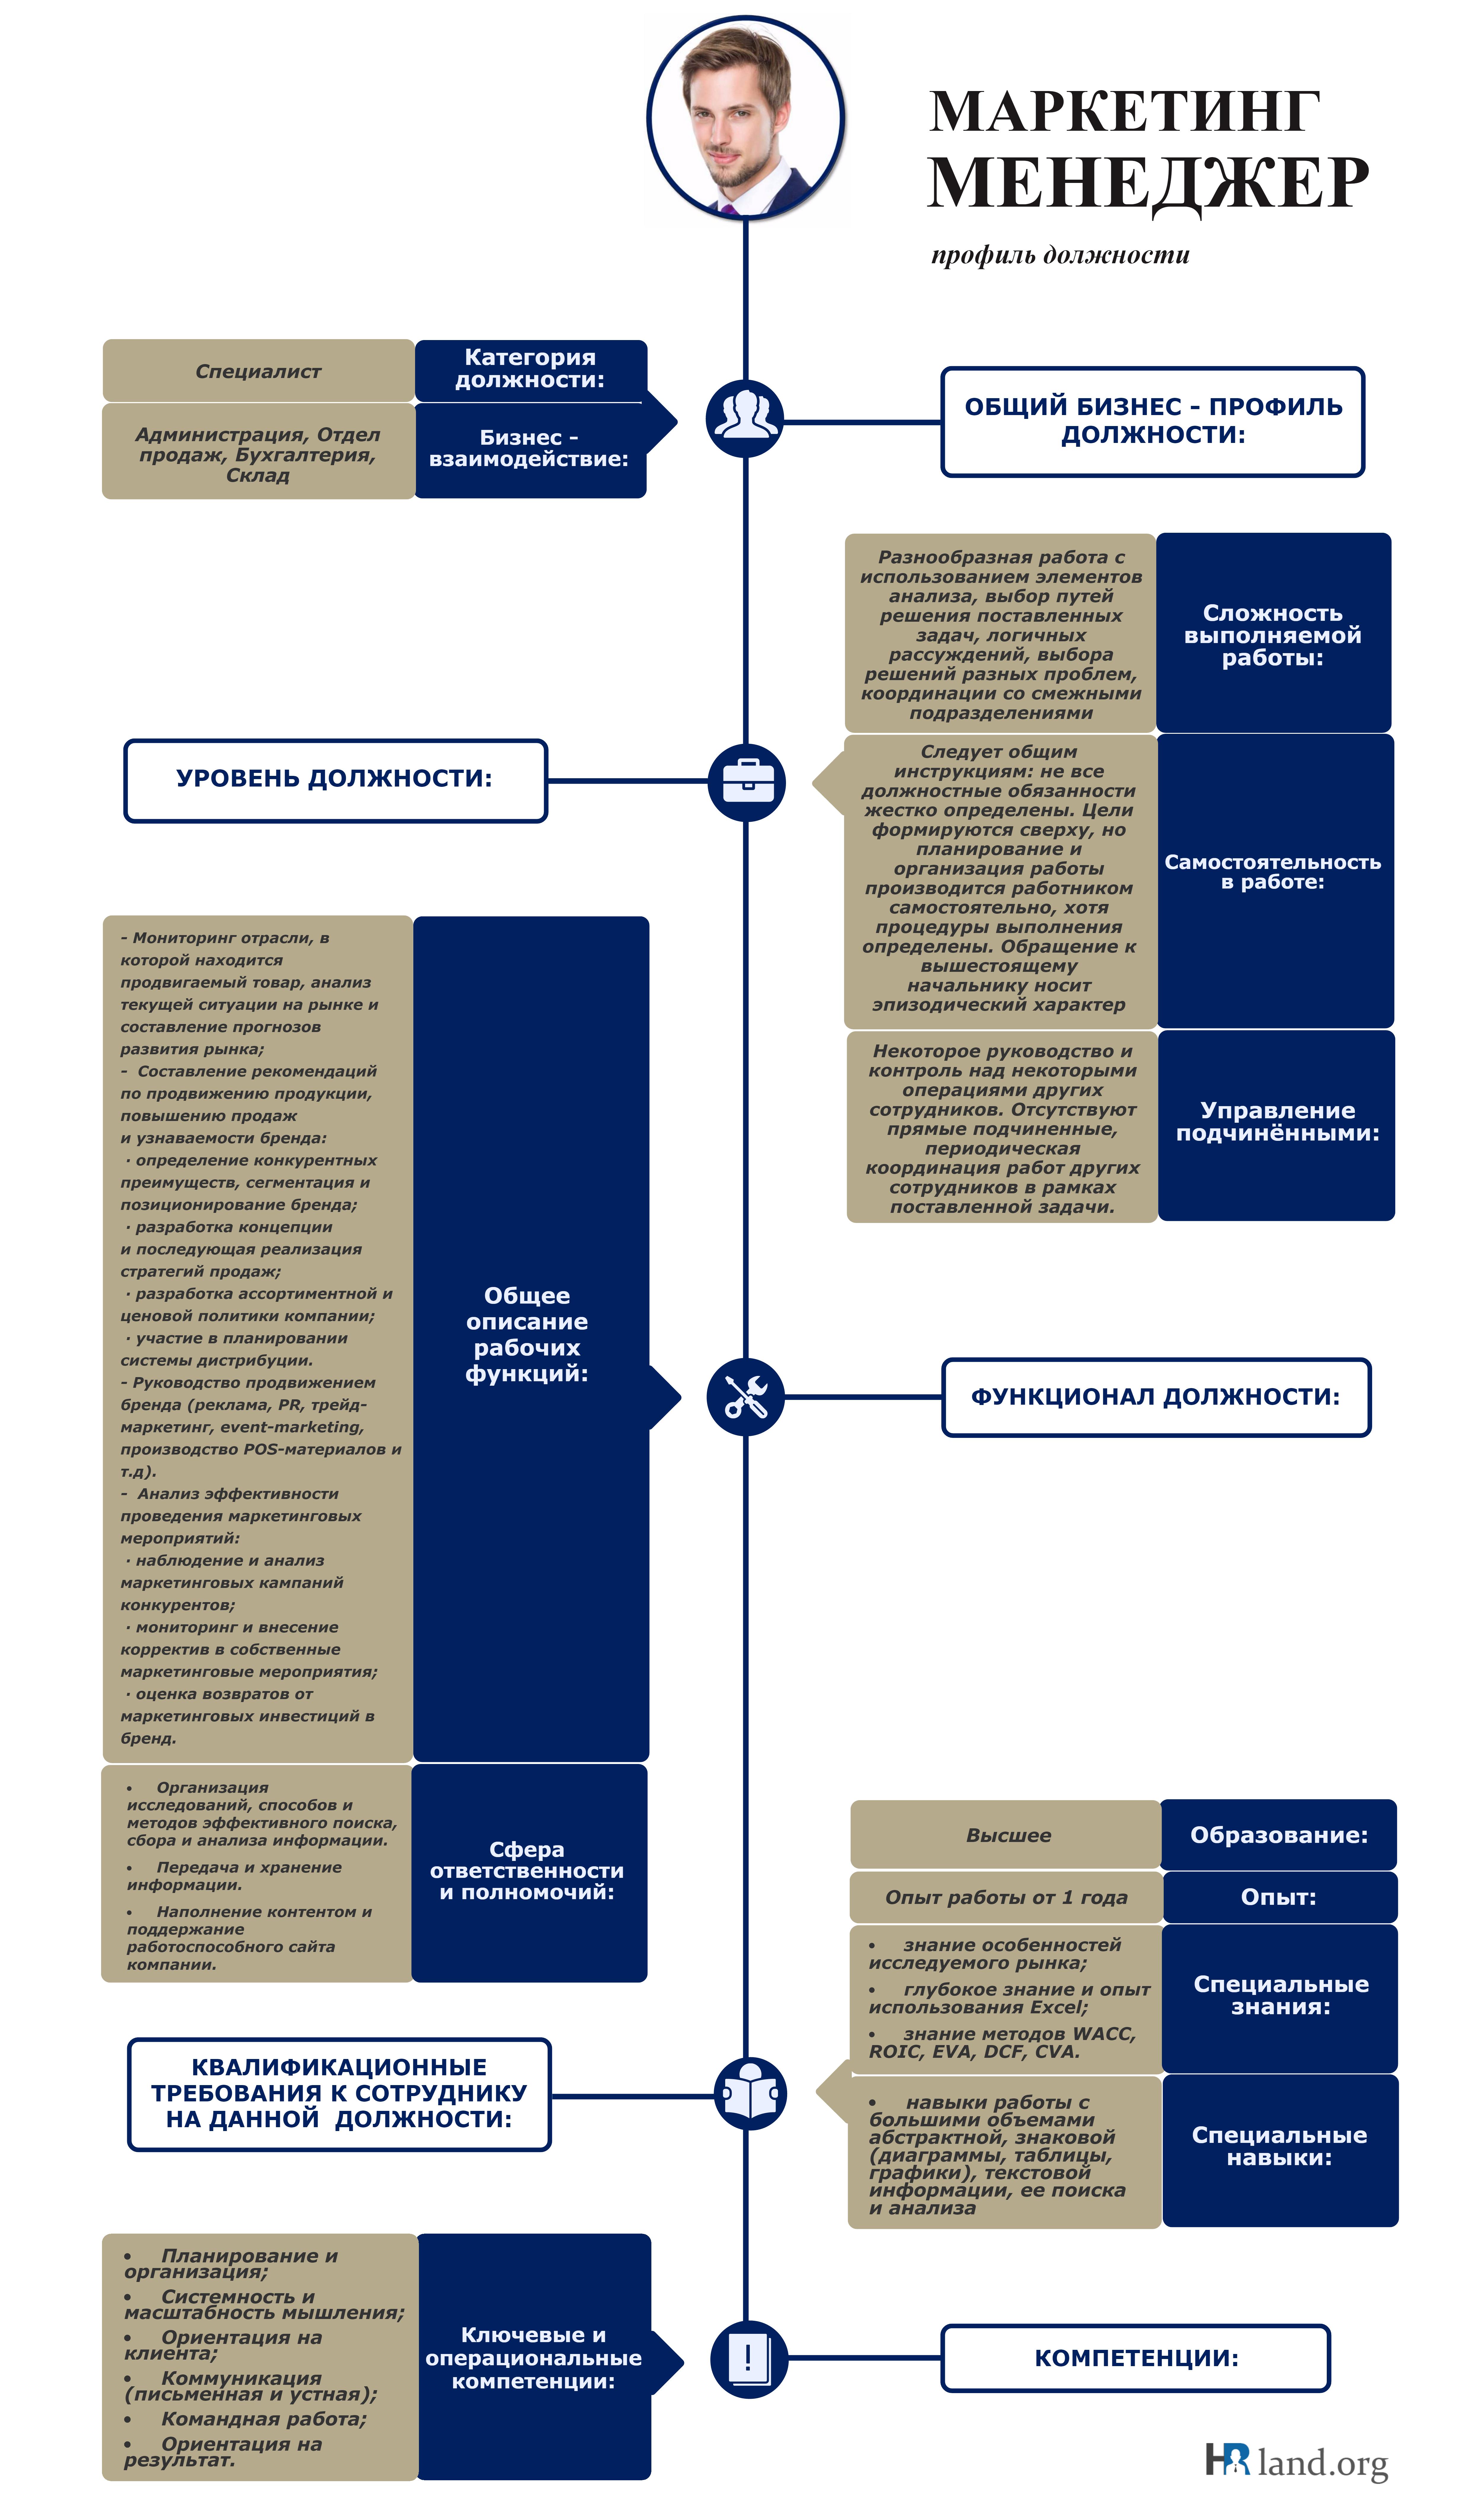 Профиль должности маркетолога